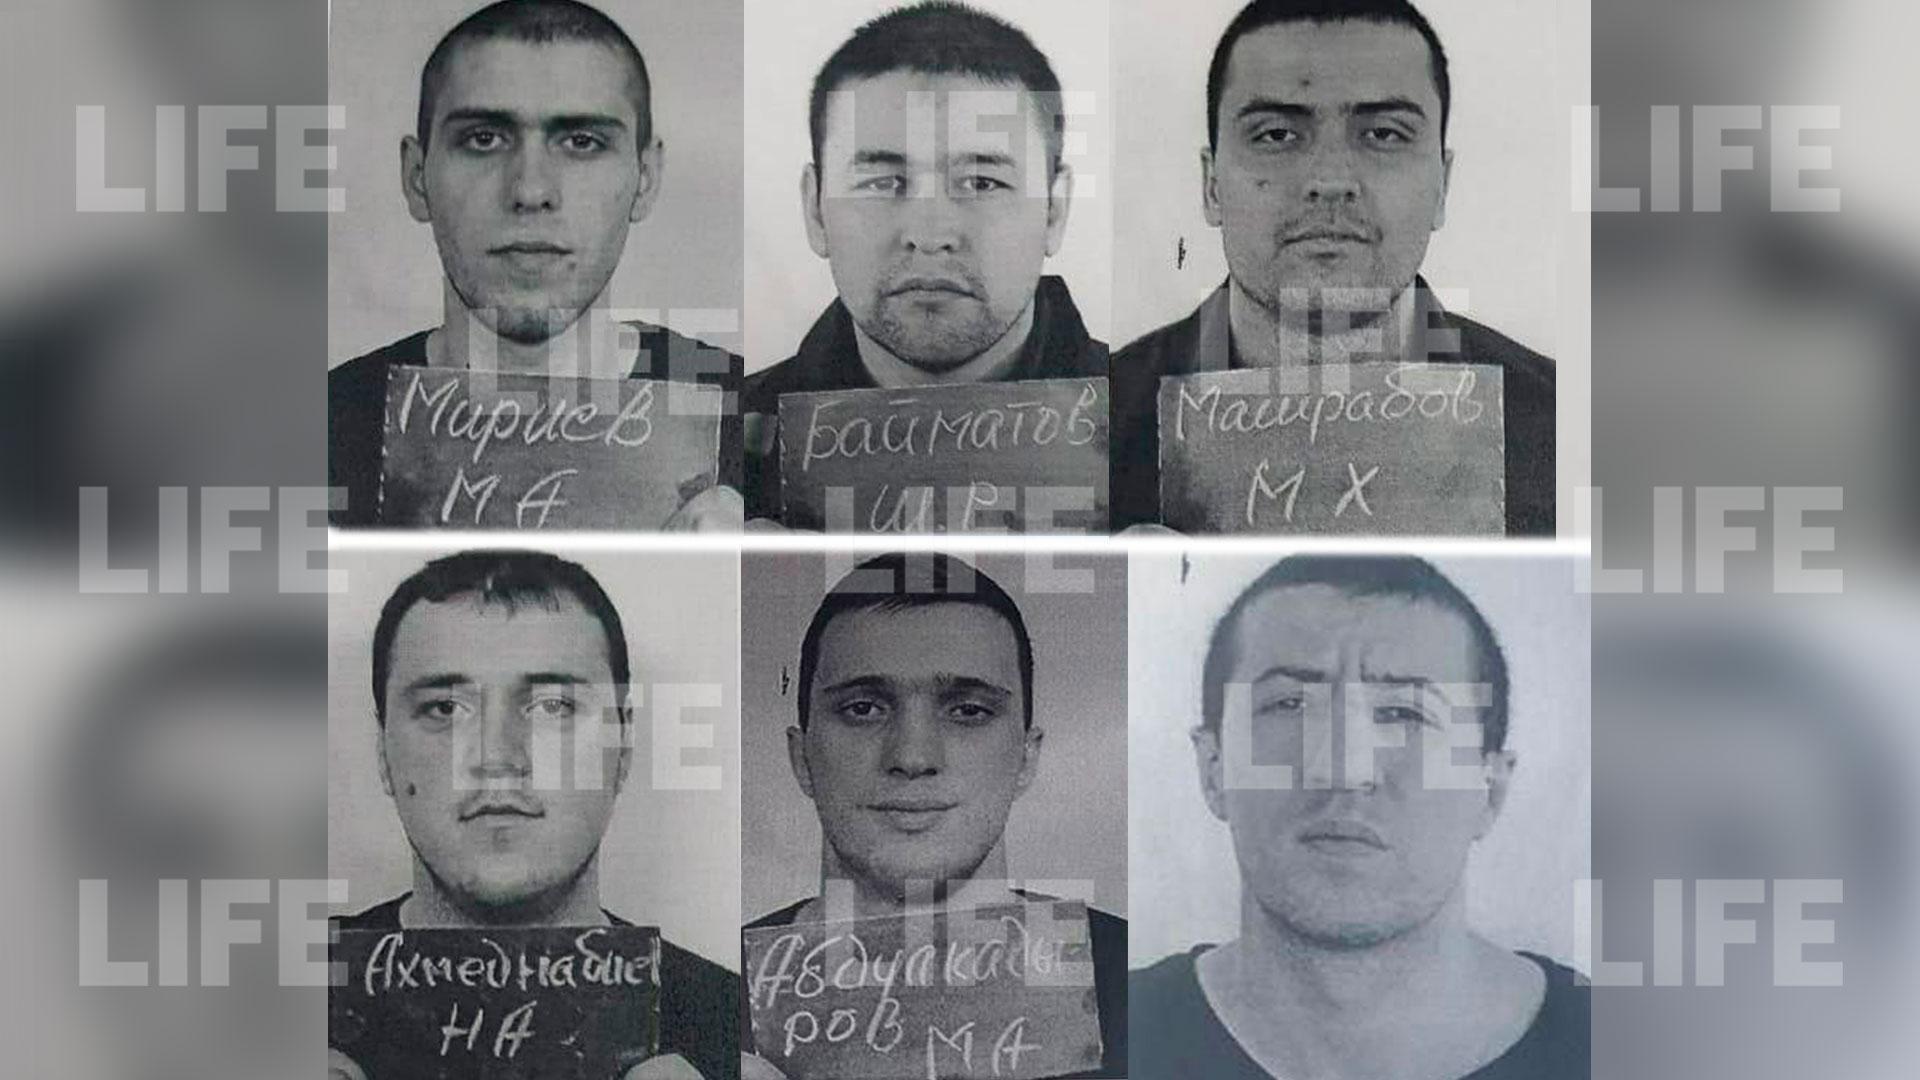 Лайф публикует ориентировки на шестерых беглецов из дагестанской колонии